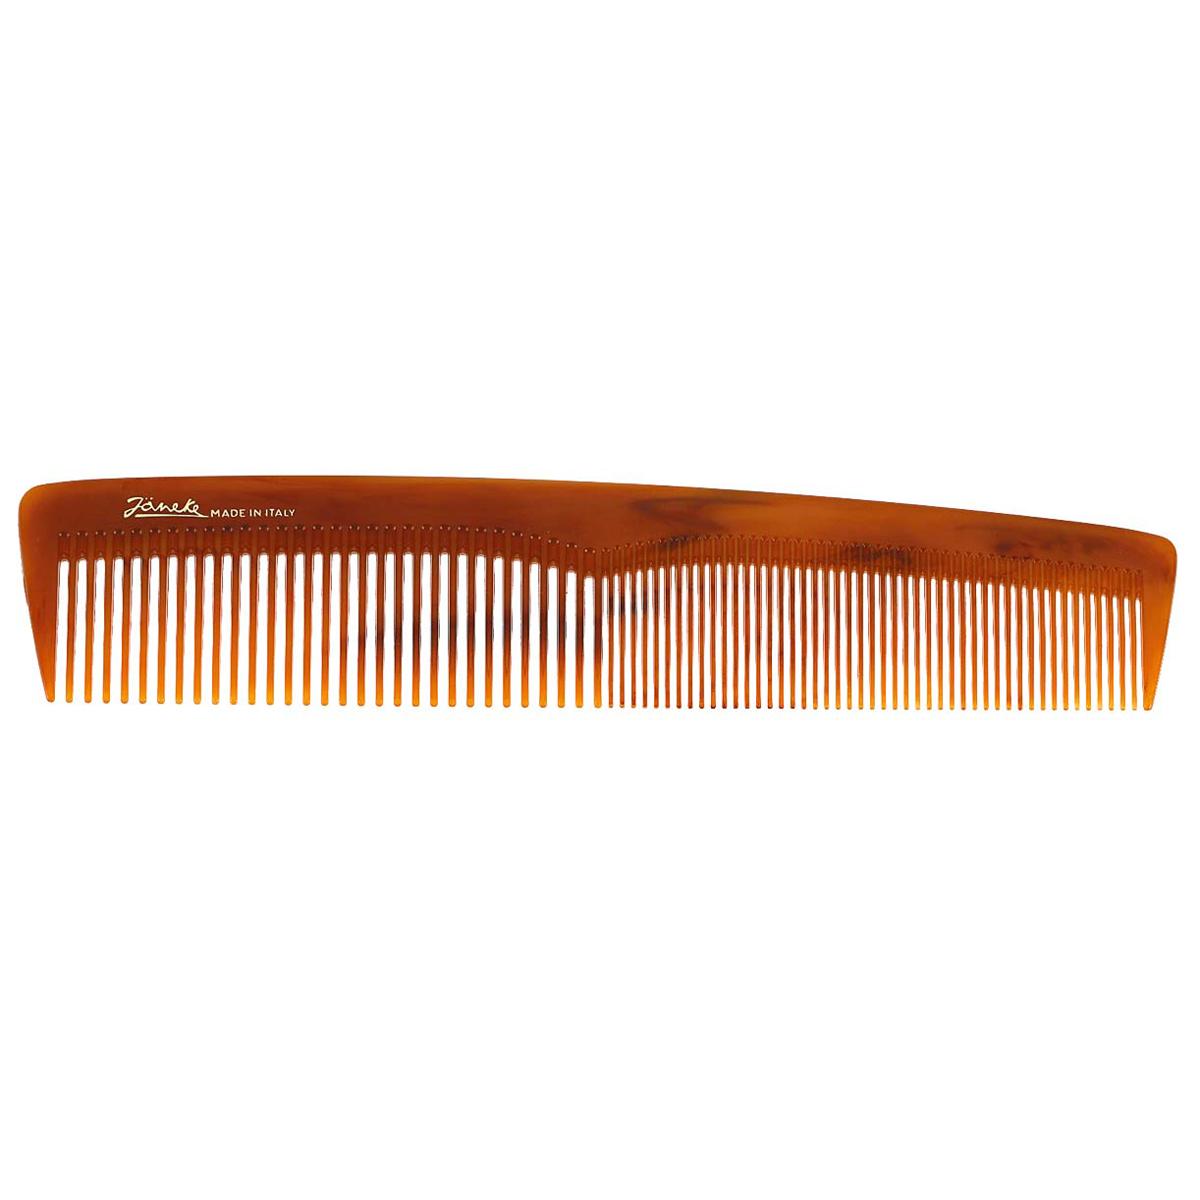 Janeke Расческа для волос. 78803577811Марка Janeke – мировой лидер по производству расчесок, щеток, маникюрных принадлежностей, зеркал и косметичек. Марка Janeke, основанная в 1830 году, вот уже почти 180 лет поддерживает непревзойденное качество своей продукции, сочетая новейшие технологии с традициями ста- рых миланских мастеров. Все изделия на 80% производятся вручную, а инновационные технологии и современные материалы делают продукцию марки поистине уникальной. Стильный и эргономичный дизайн, яркие цветовые решения – все это приносит истин- ное удовольствие от использования аксессуаров Janeke. Пластиковая линия из высококачественного сырья, большое разнообразие моделей и цветов, кончик расчески специально закруглен, чтобы предотвратить разрыв волоса